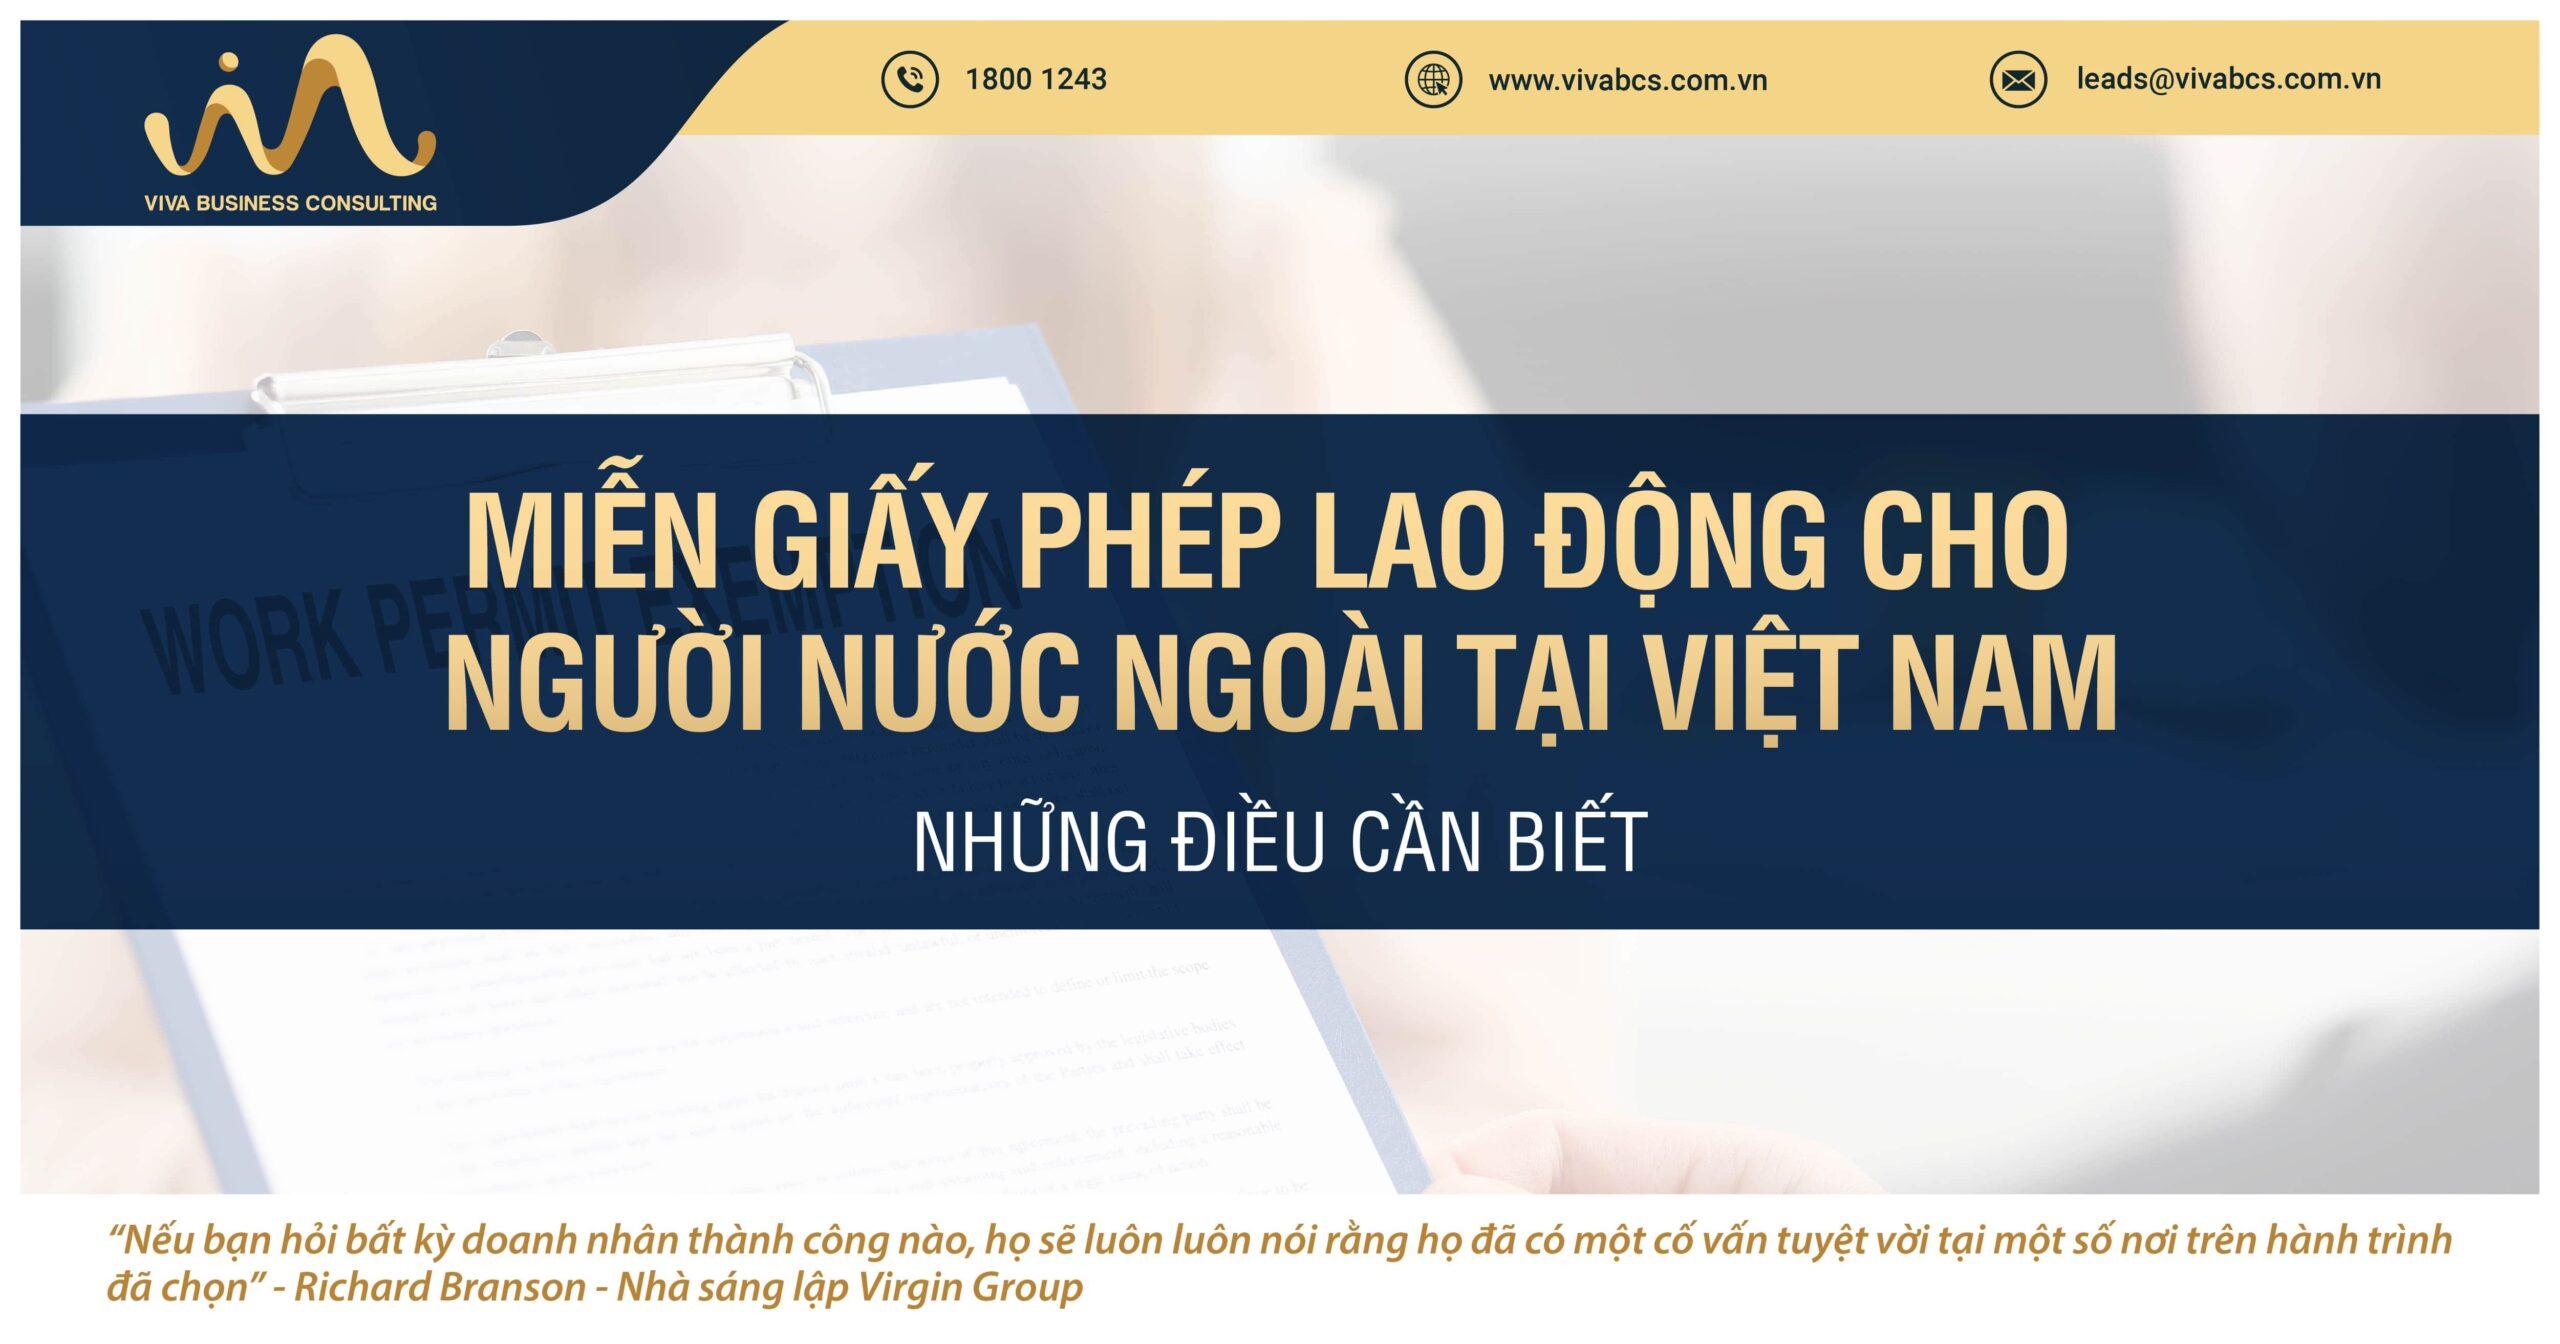 Miễn giấy phép lao động cho người nước ngoài tại Việt Nam